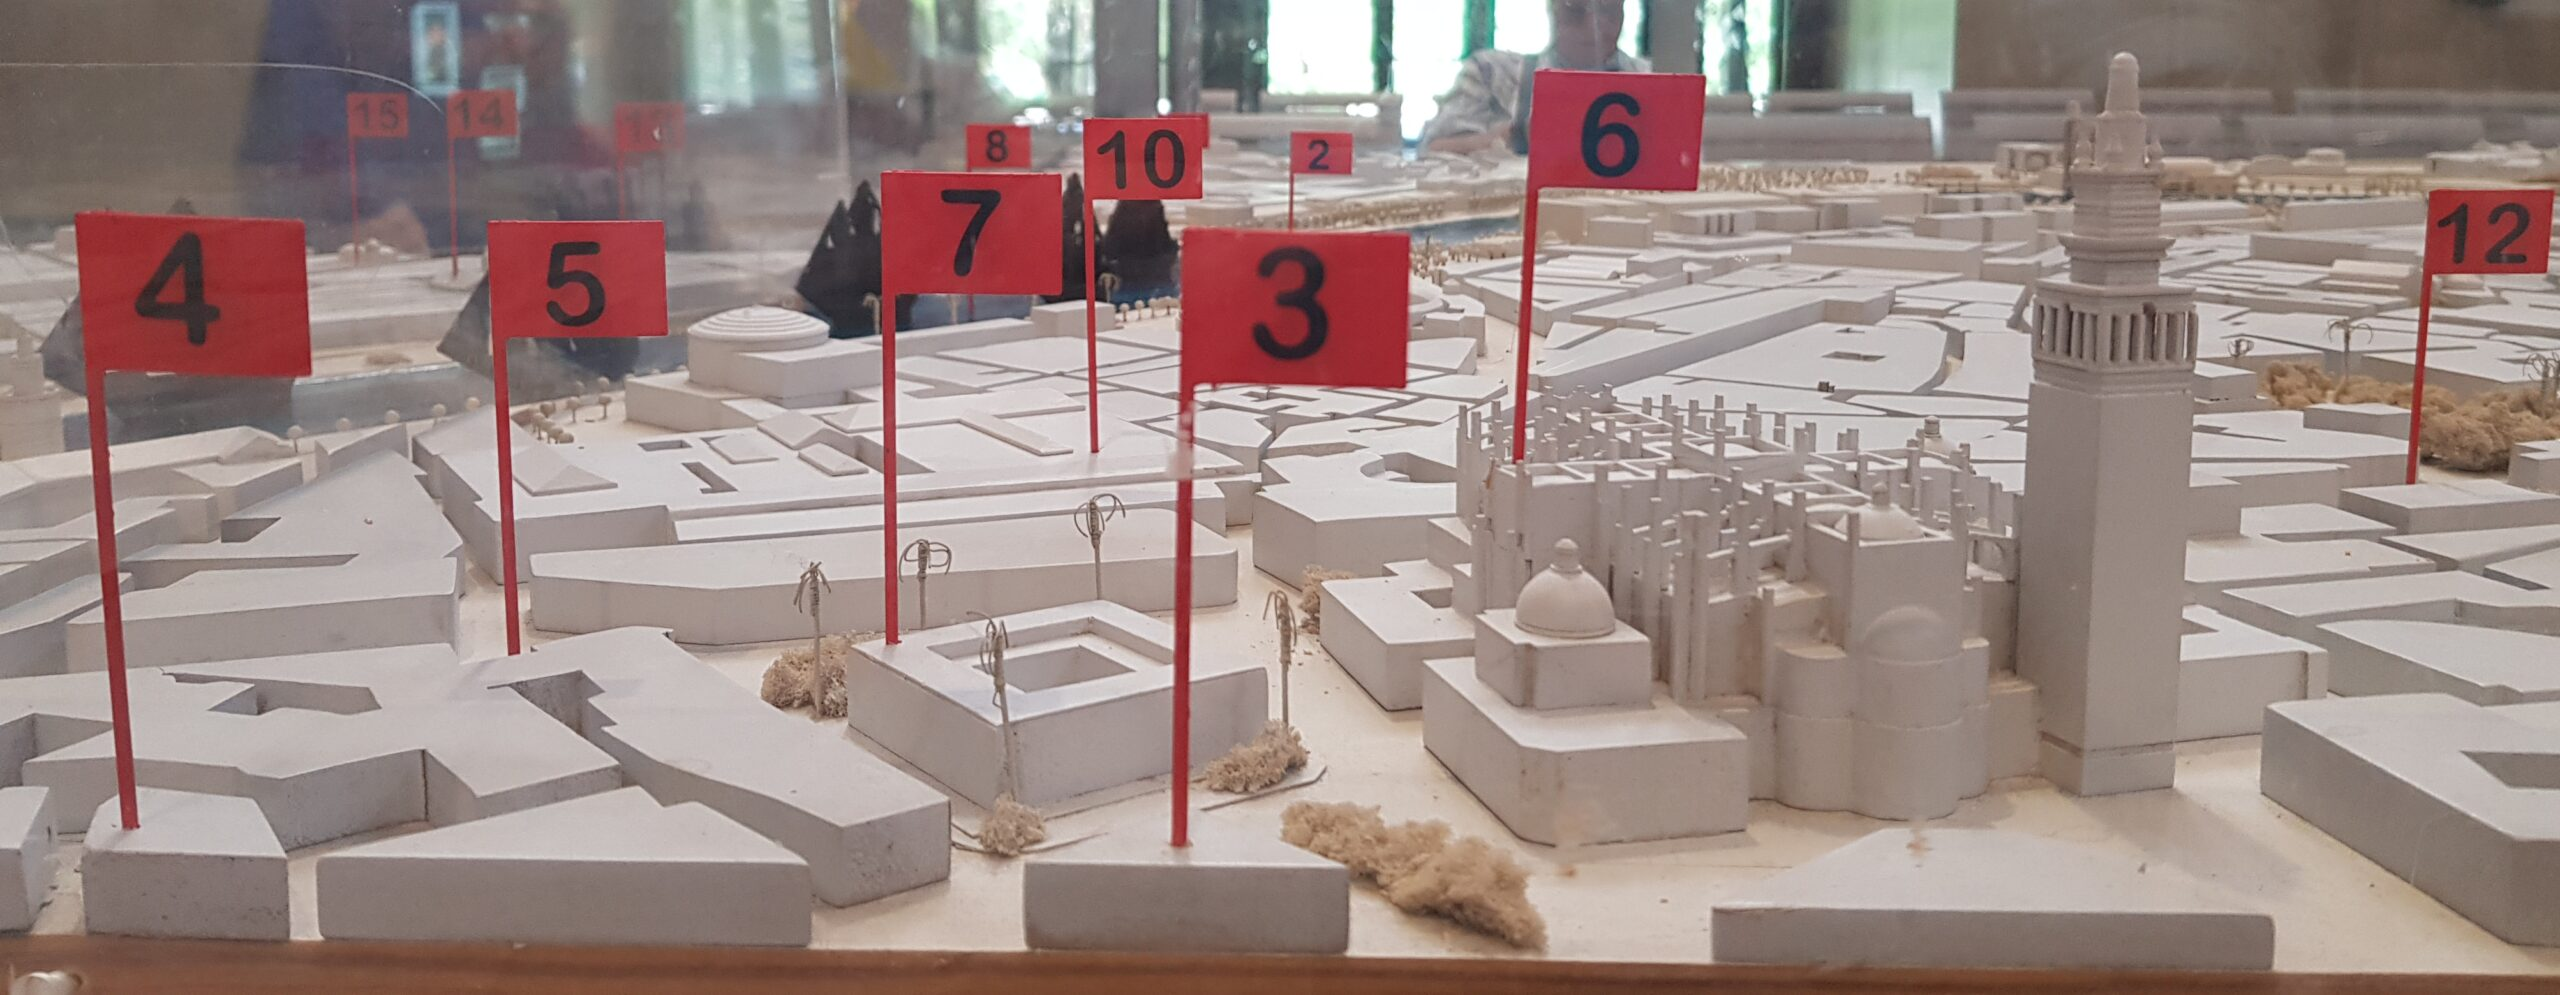 El Aeropuerto de Sevilla y la estación Plaza de Armas muestran la Sevilla de la Primera Vuelta al mundo a sus usuarios con dos exposiciones sobre la gesta de Magallanes y Elcano